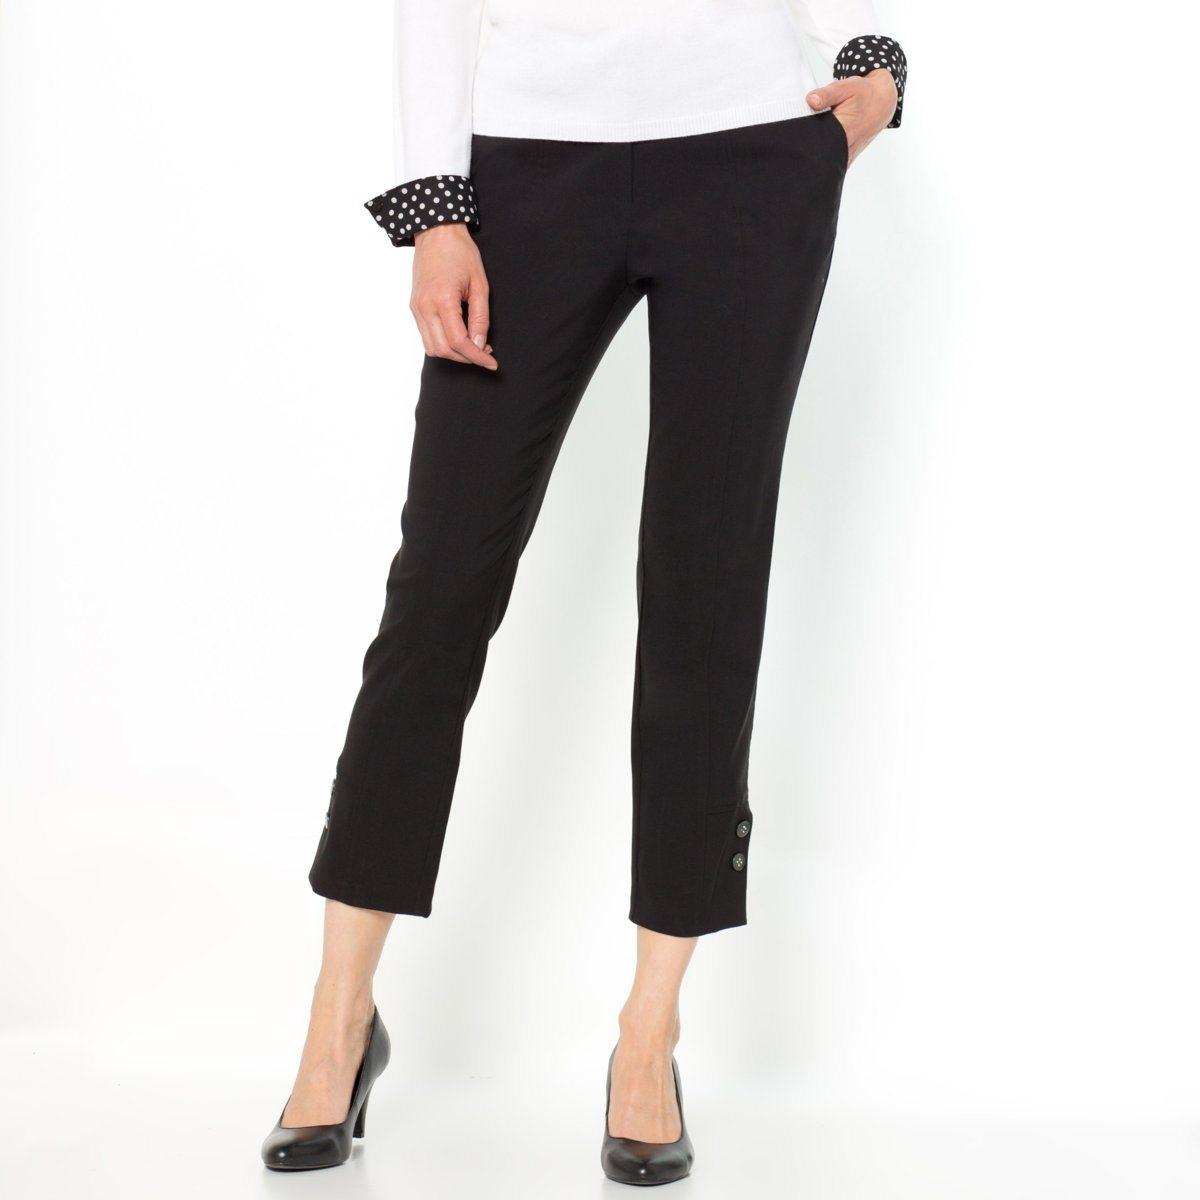 Брюки укороченныеВертикальные швы спереди и сзади делают ноги визуально стройнее. Косые карманы. Боковые разрезы внизу брючин. Длина по внутр.шву 64 см, ширина по низу 16 см. Комфортная ткань стретч, 71% полиэстера, 25% вискозы, 4% эластана.<br><br>Цвет: черный<br>Размер: 46 (FR) - 52 (RUS)